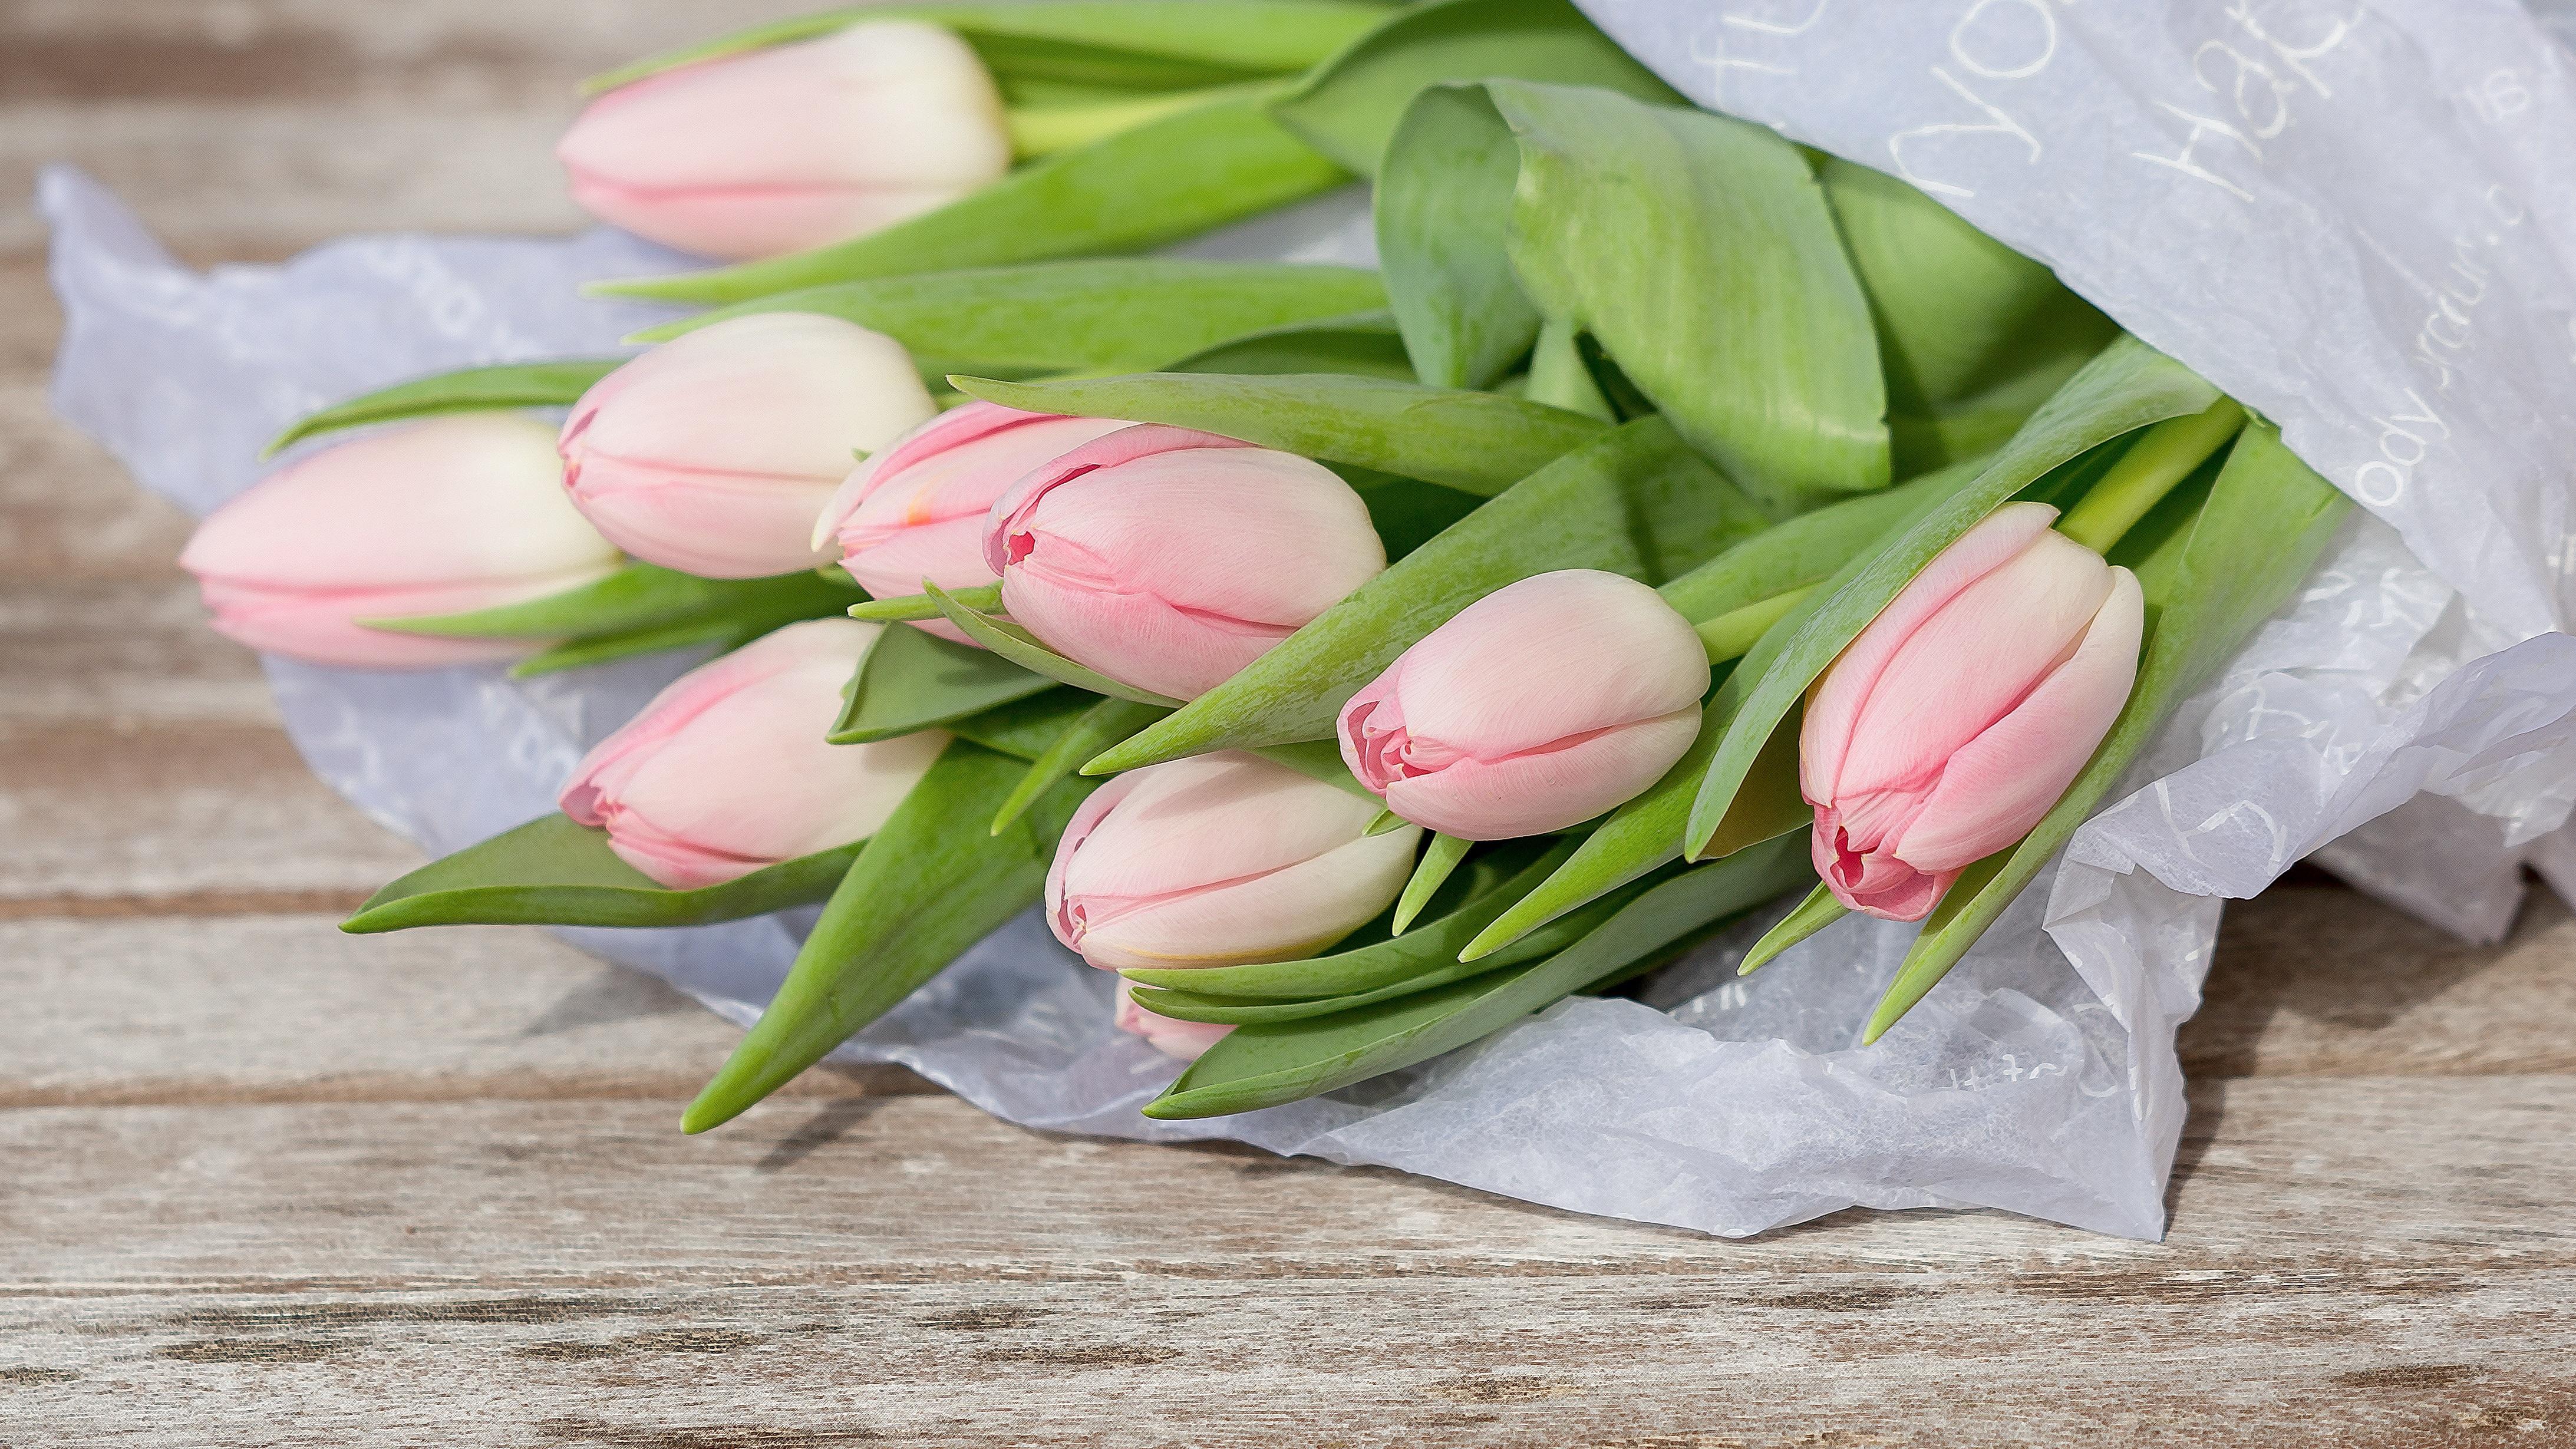 Обои для рабочего стола розовых тюльпан Цветы вблизи 4371x2459 Розовый розовые розовая Тюльпаны цветок Крупным планом